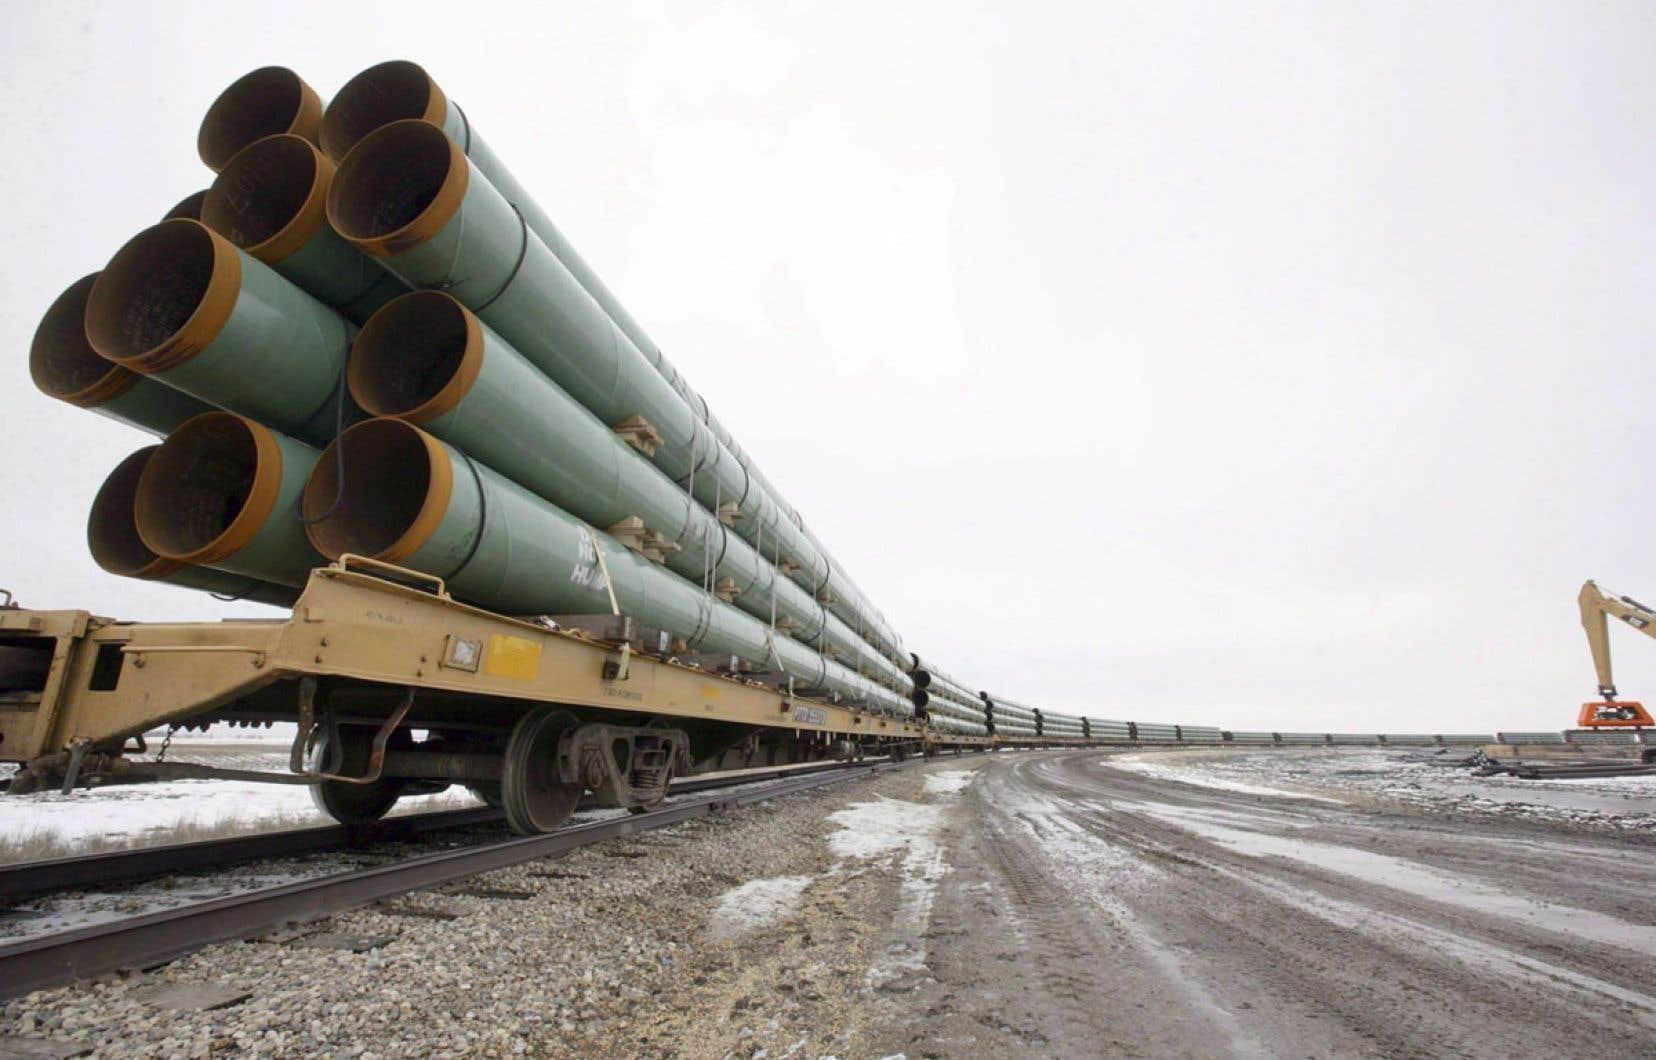 Le ministre canadien des Ressources naturelles s'est dit satisfait du rapport du département d'État, qui ouvre la porte à l'approbation du projet par Washington. Ci-dessus, des tronçons du pipeline arrivent à Milton, dans le Dakota du Nord.